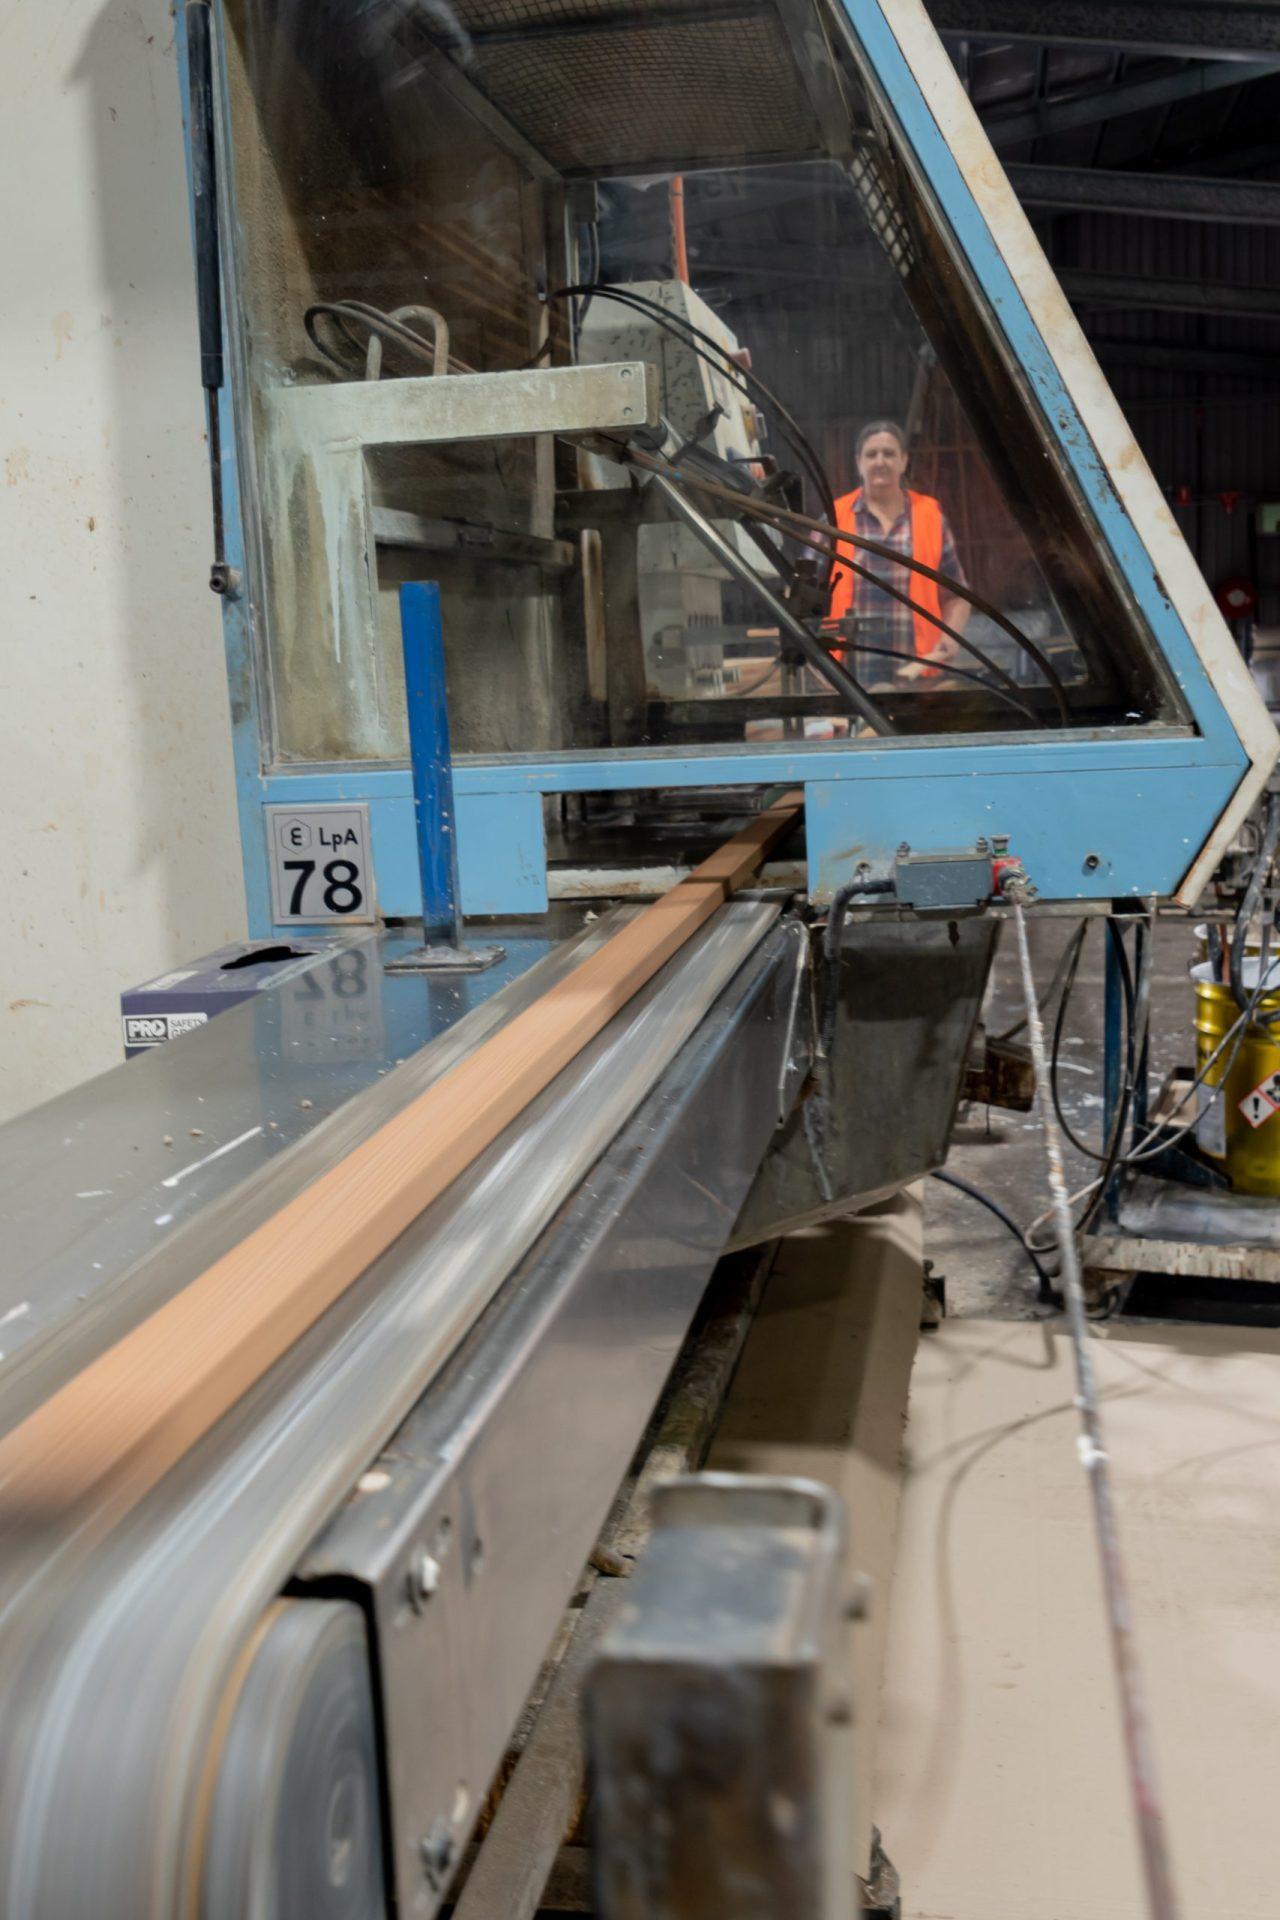 A woodworker running wood through a machine